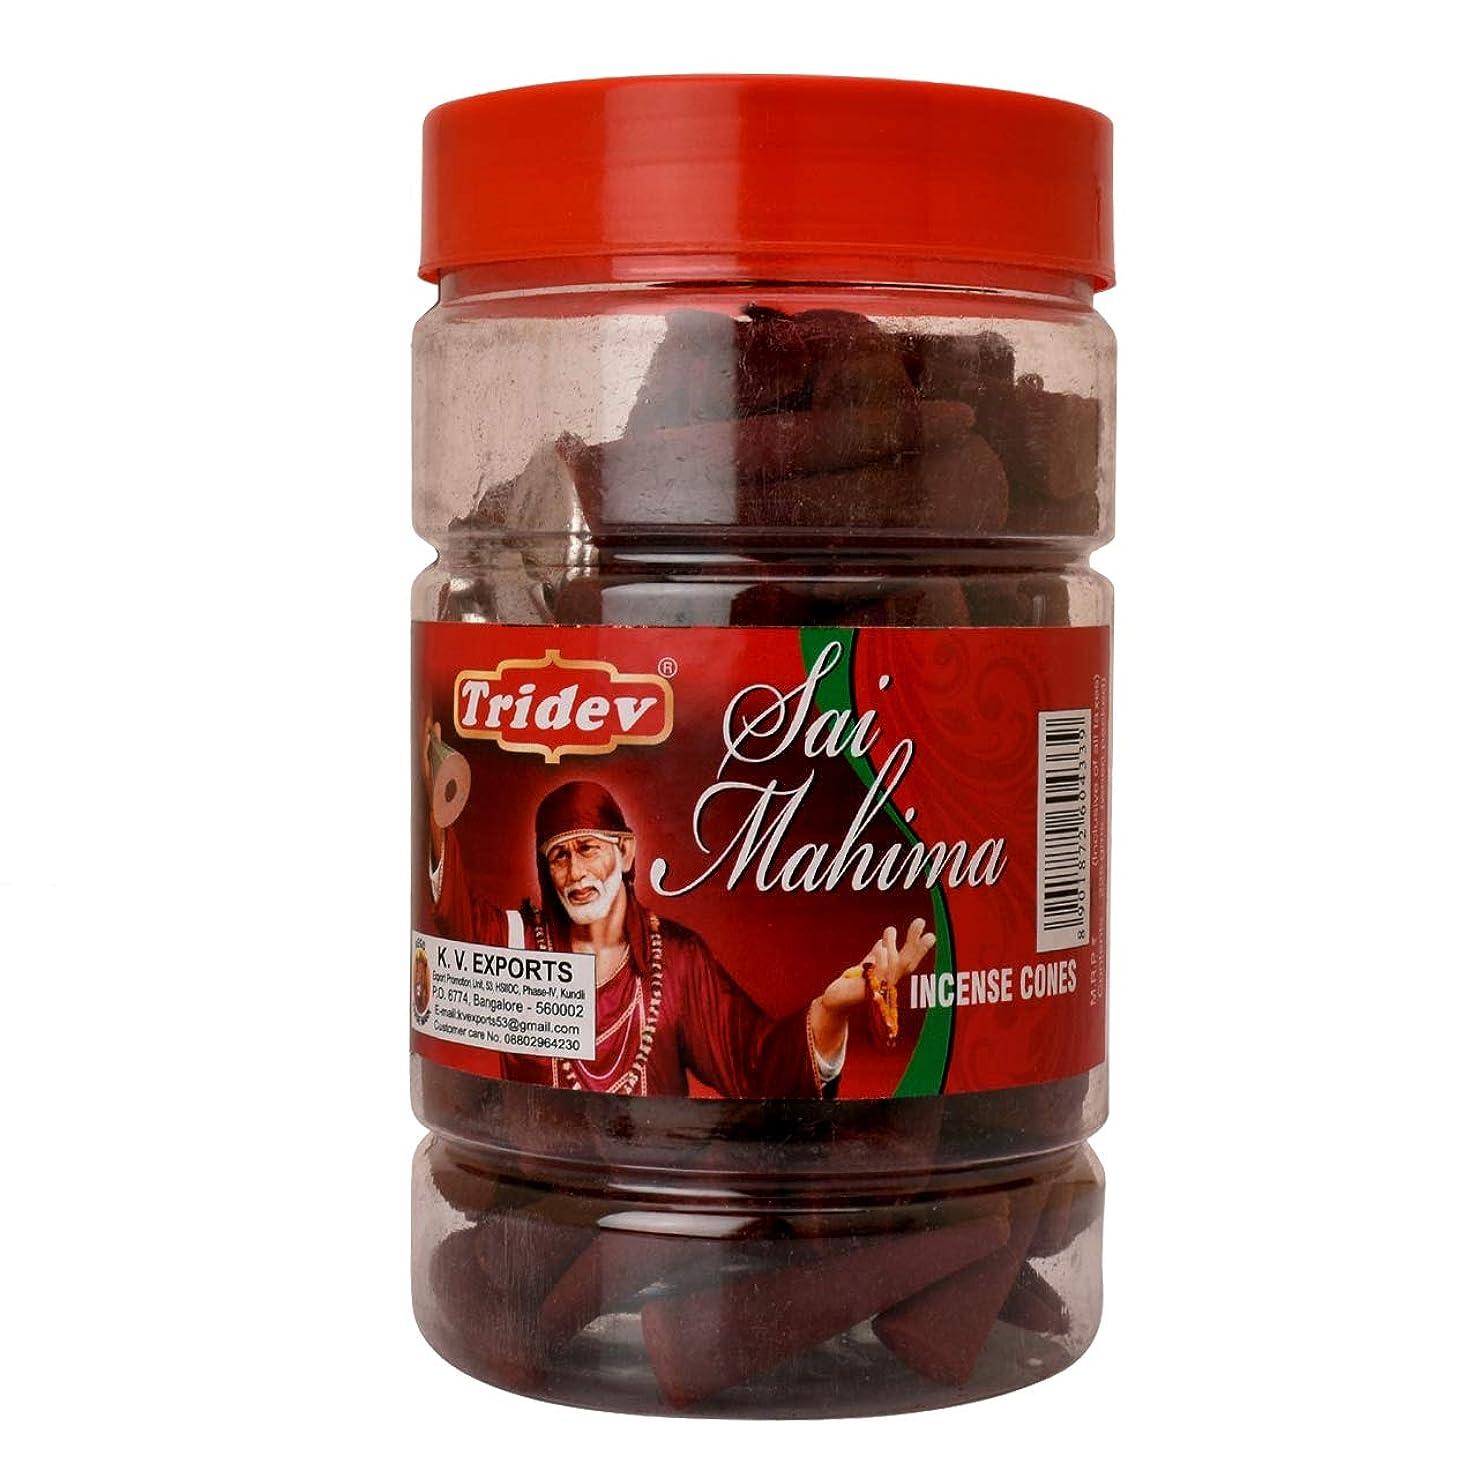 フォルダ教義怖がらせるTridev Sai Mahima フレグランス コーン型お香瓶 1350グラム ボックス入り   6瓶 225グラム 箱入り   輸出品質